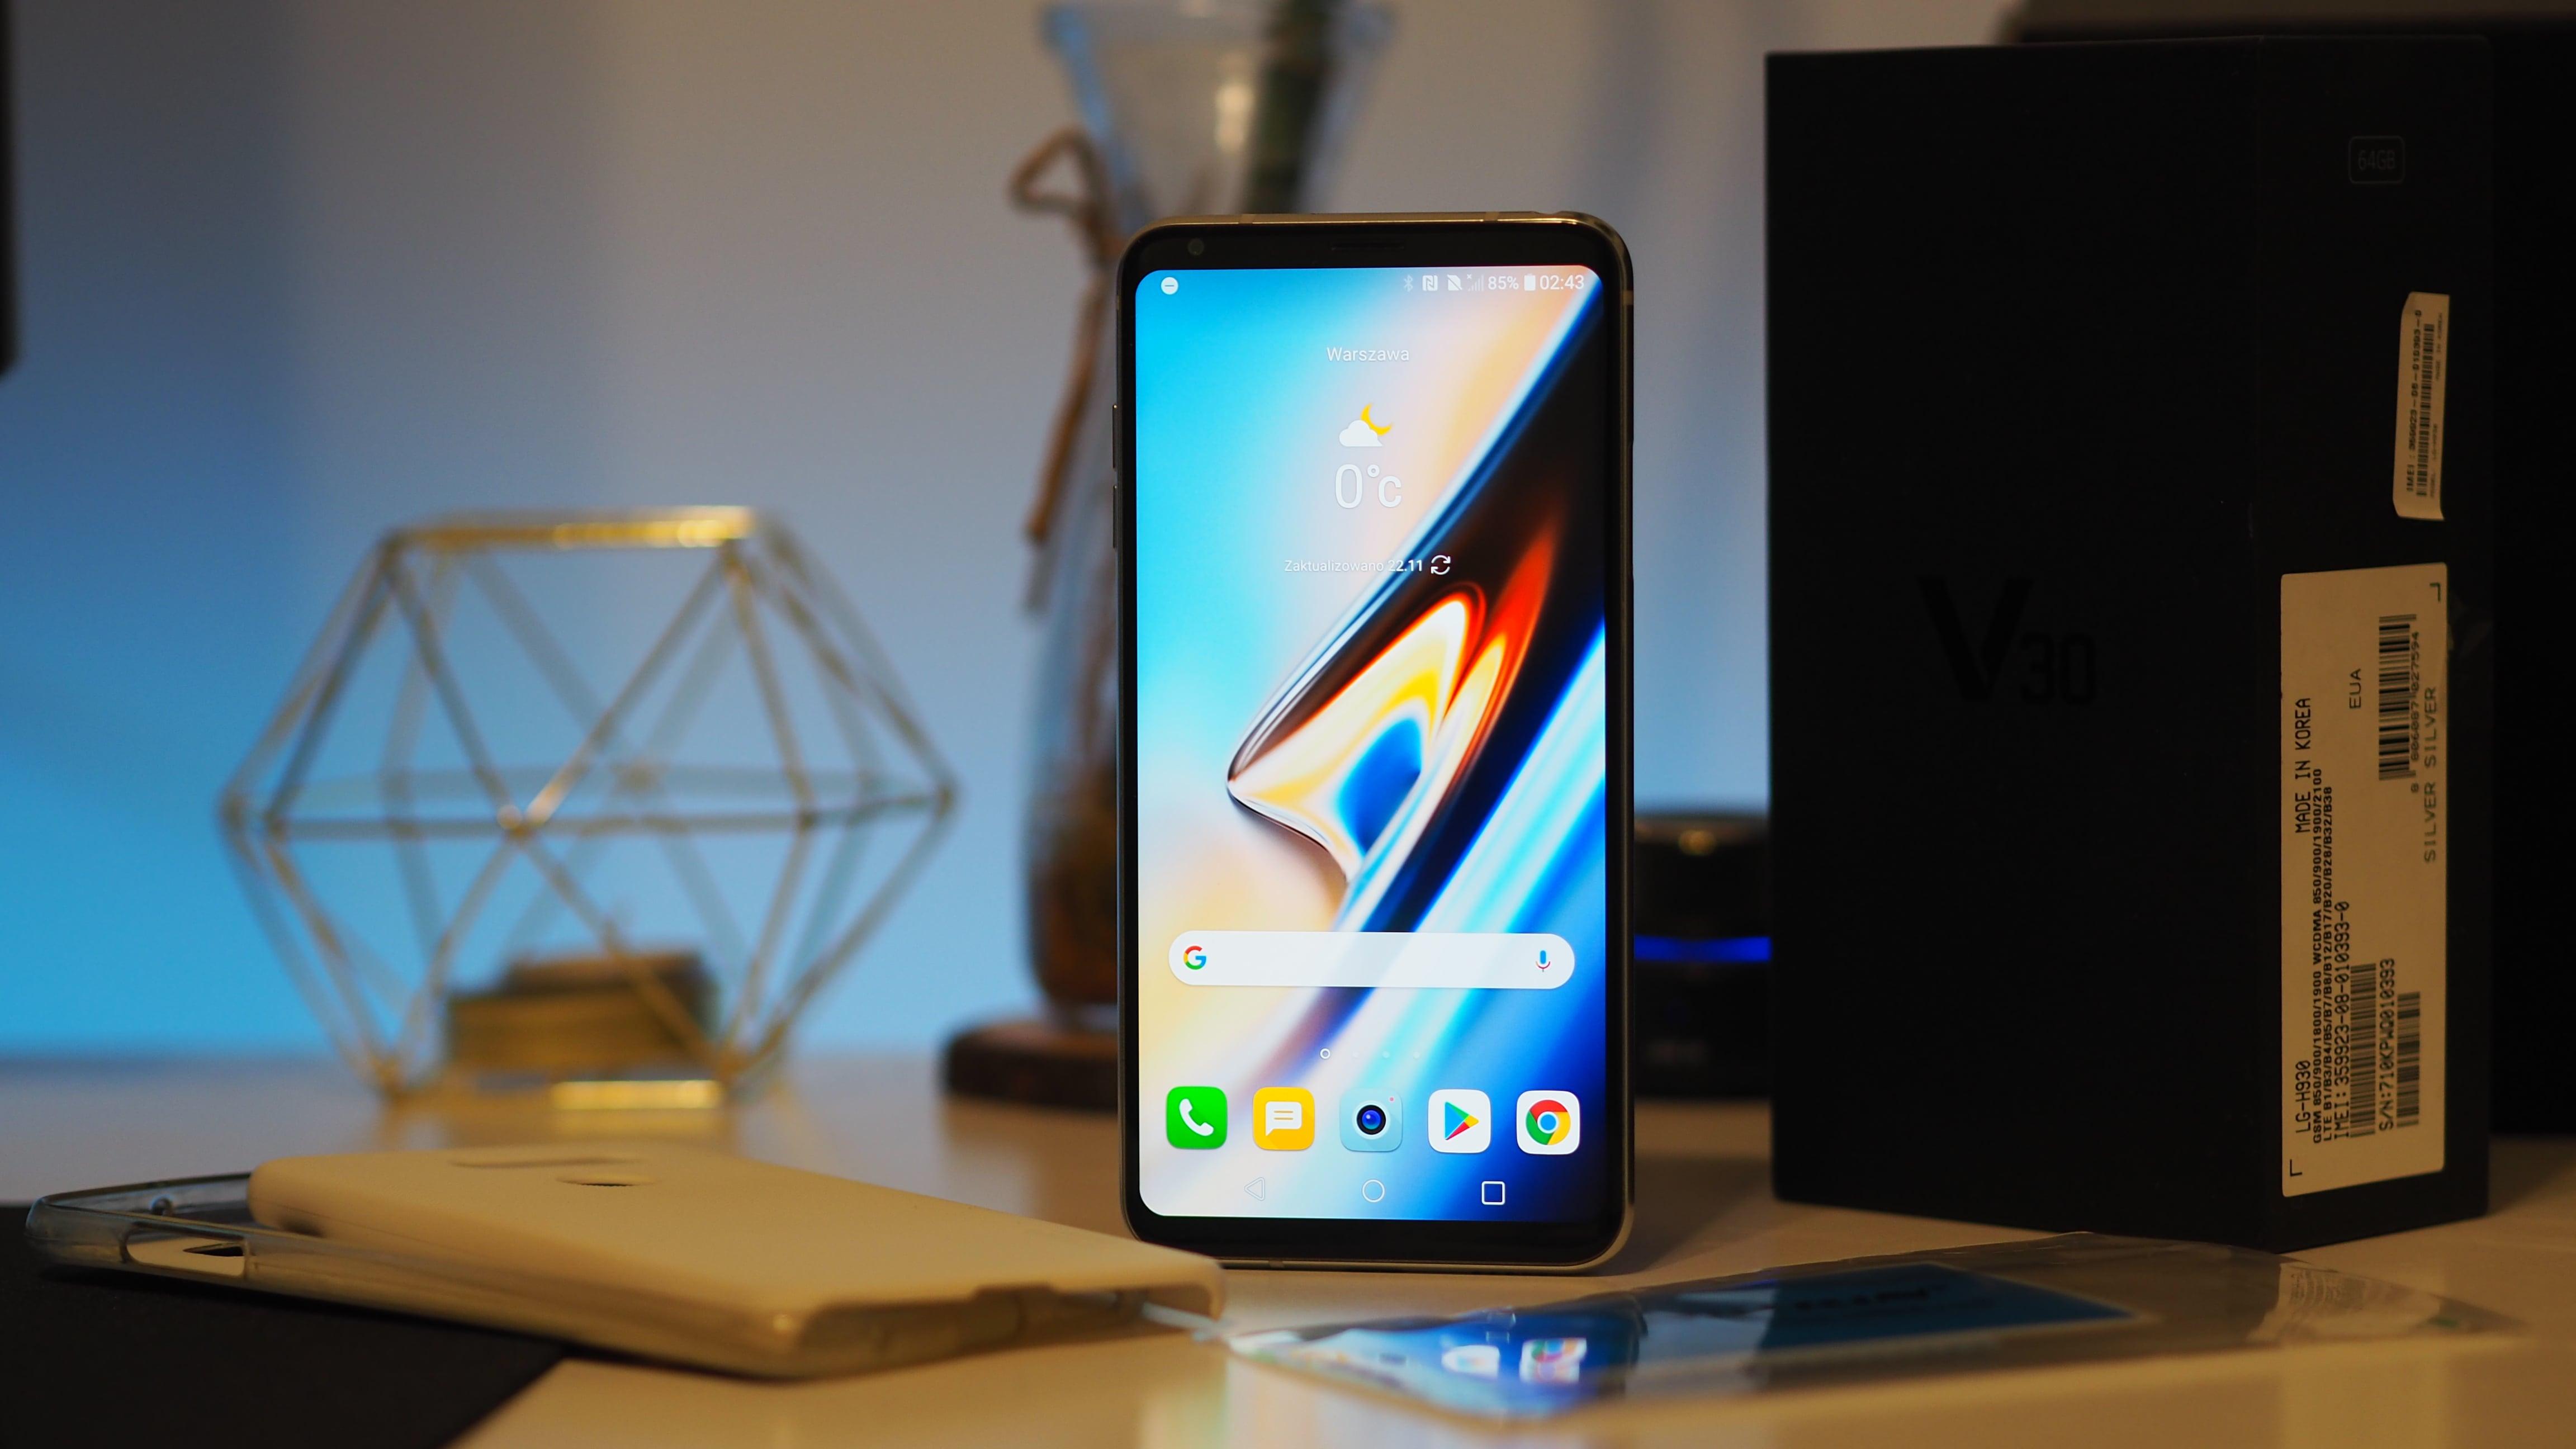 LG V30 po roku używania - czy będę go dobrze wspominać? 21